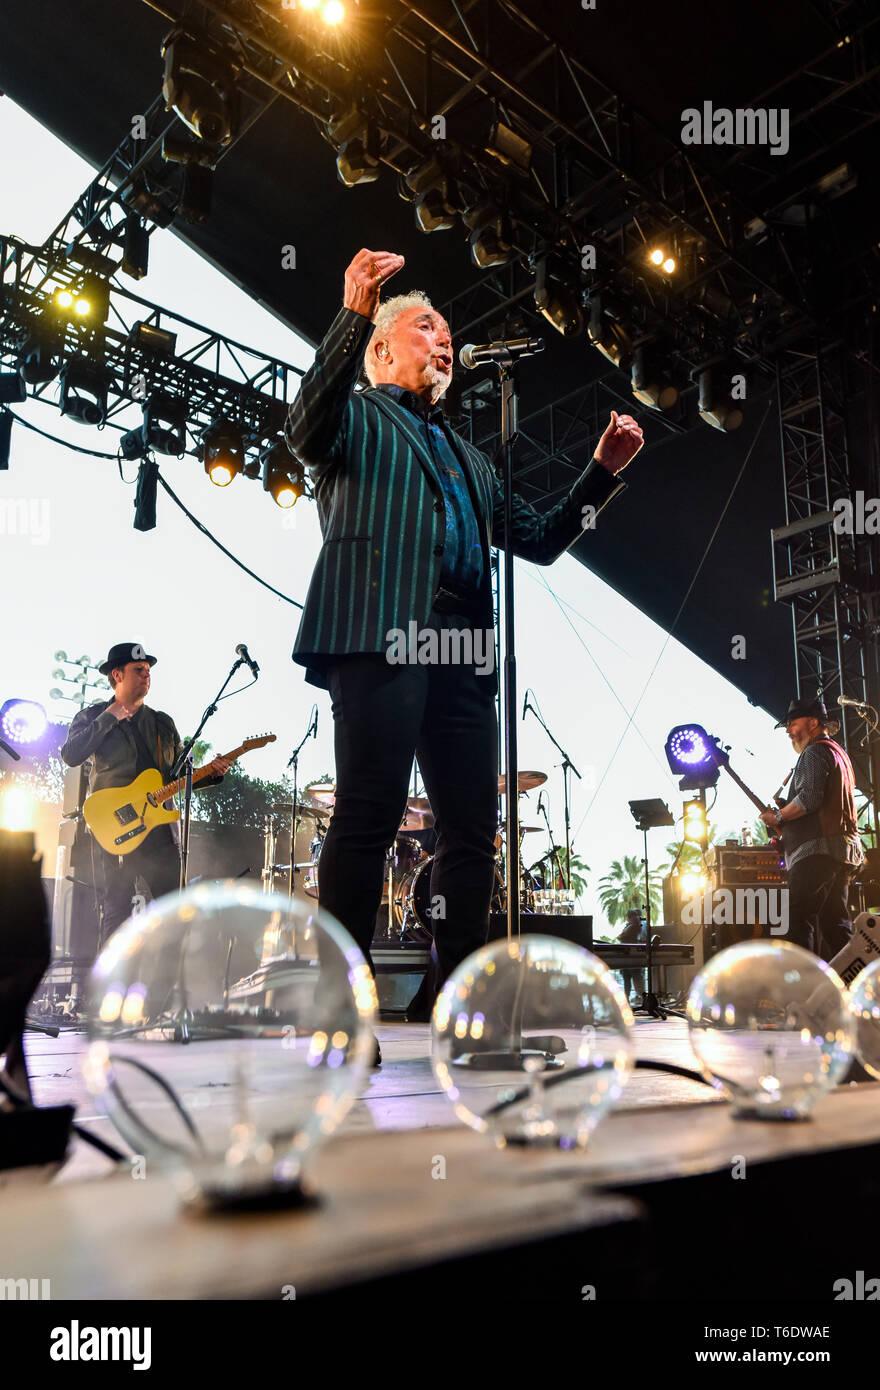 Indio, California, 28 de abril de 2019, Tom Jones en un escenario actuando a una enérgica multitud del día 3 del stage Coach Country Music Festival. Foto: Ken Foto de stock